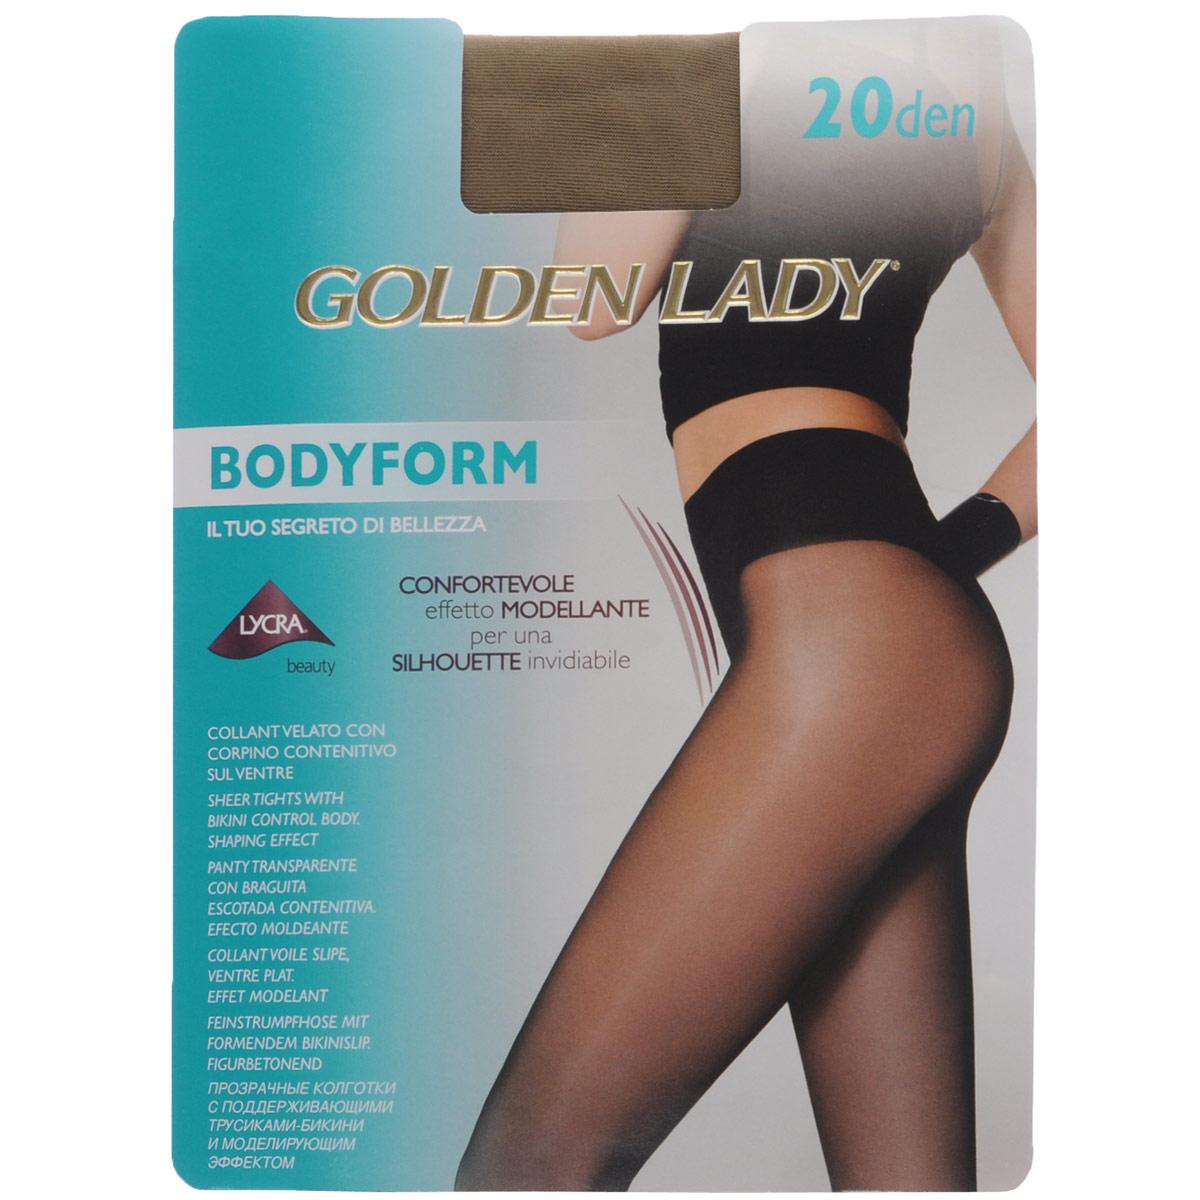 Колготки женские Golden Lady Bodyform 20, цвет: Melon (телесный). 39NVN. Размер 4 (L) цены онлайн